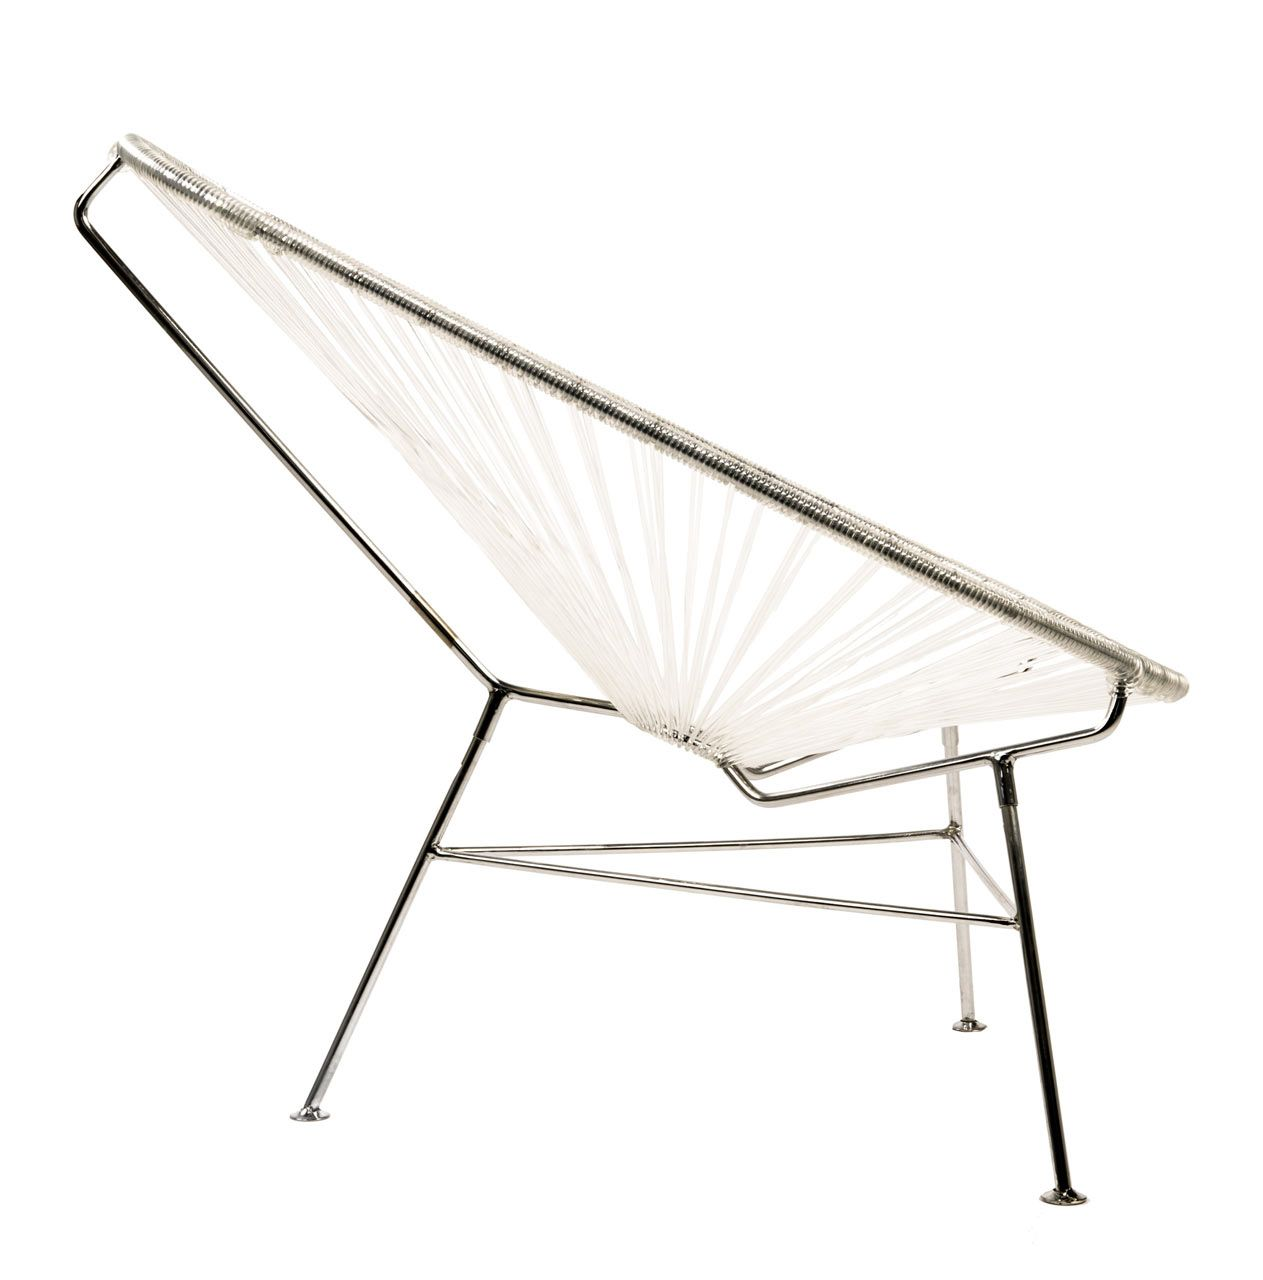 Acapulco chair dimensions - Acapulco Chair Chrome 3